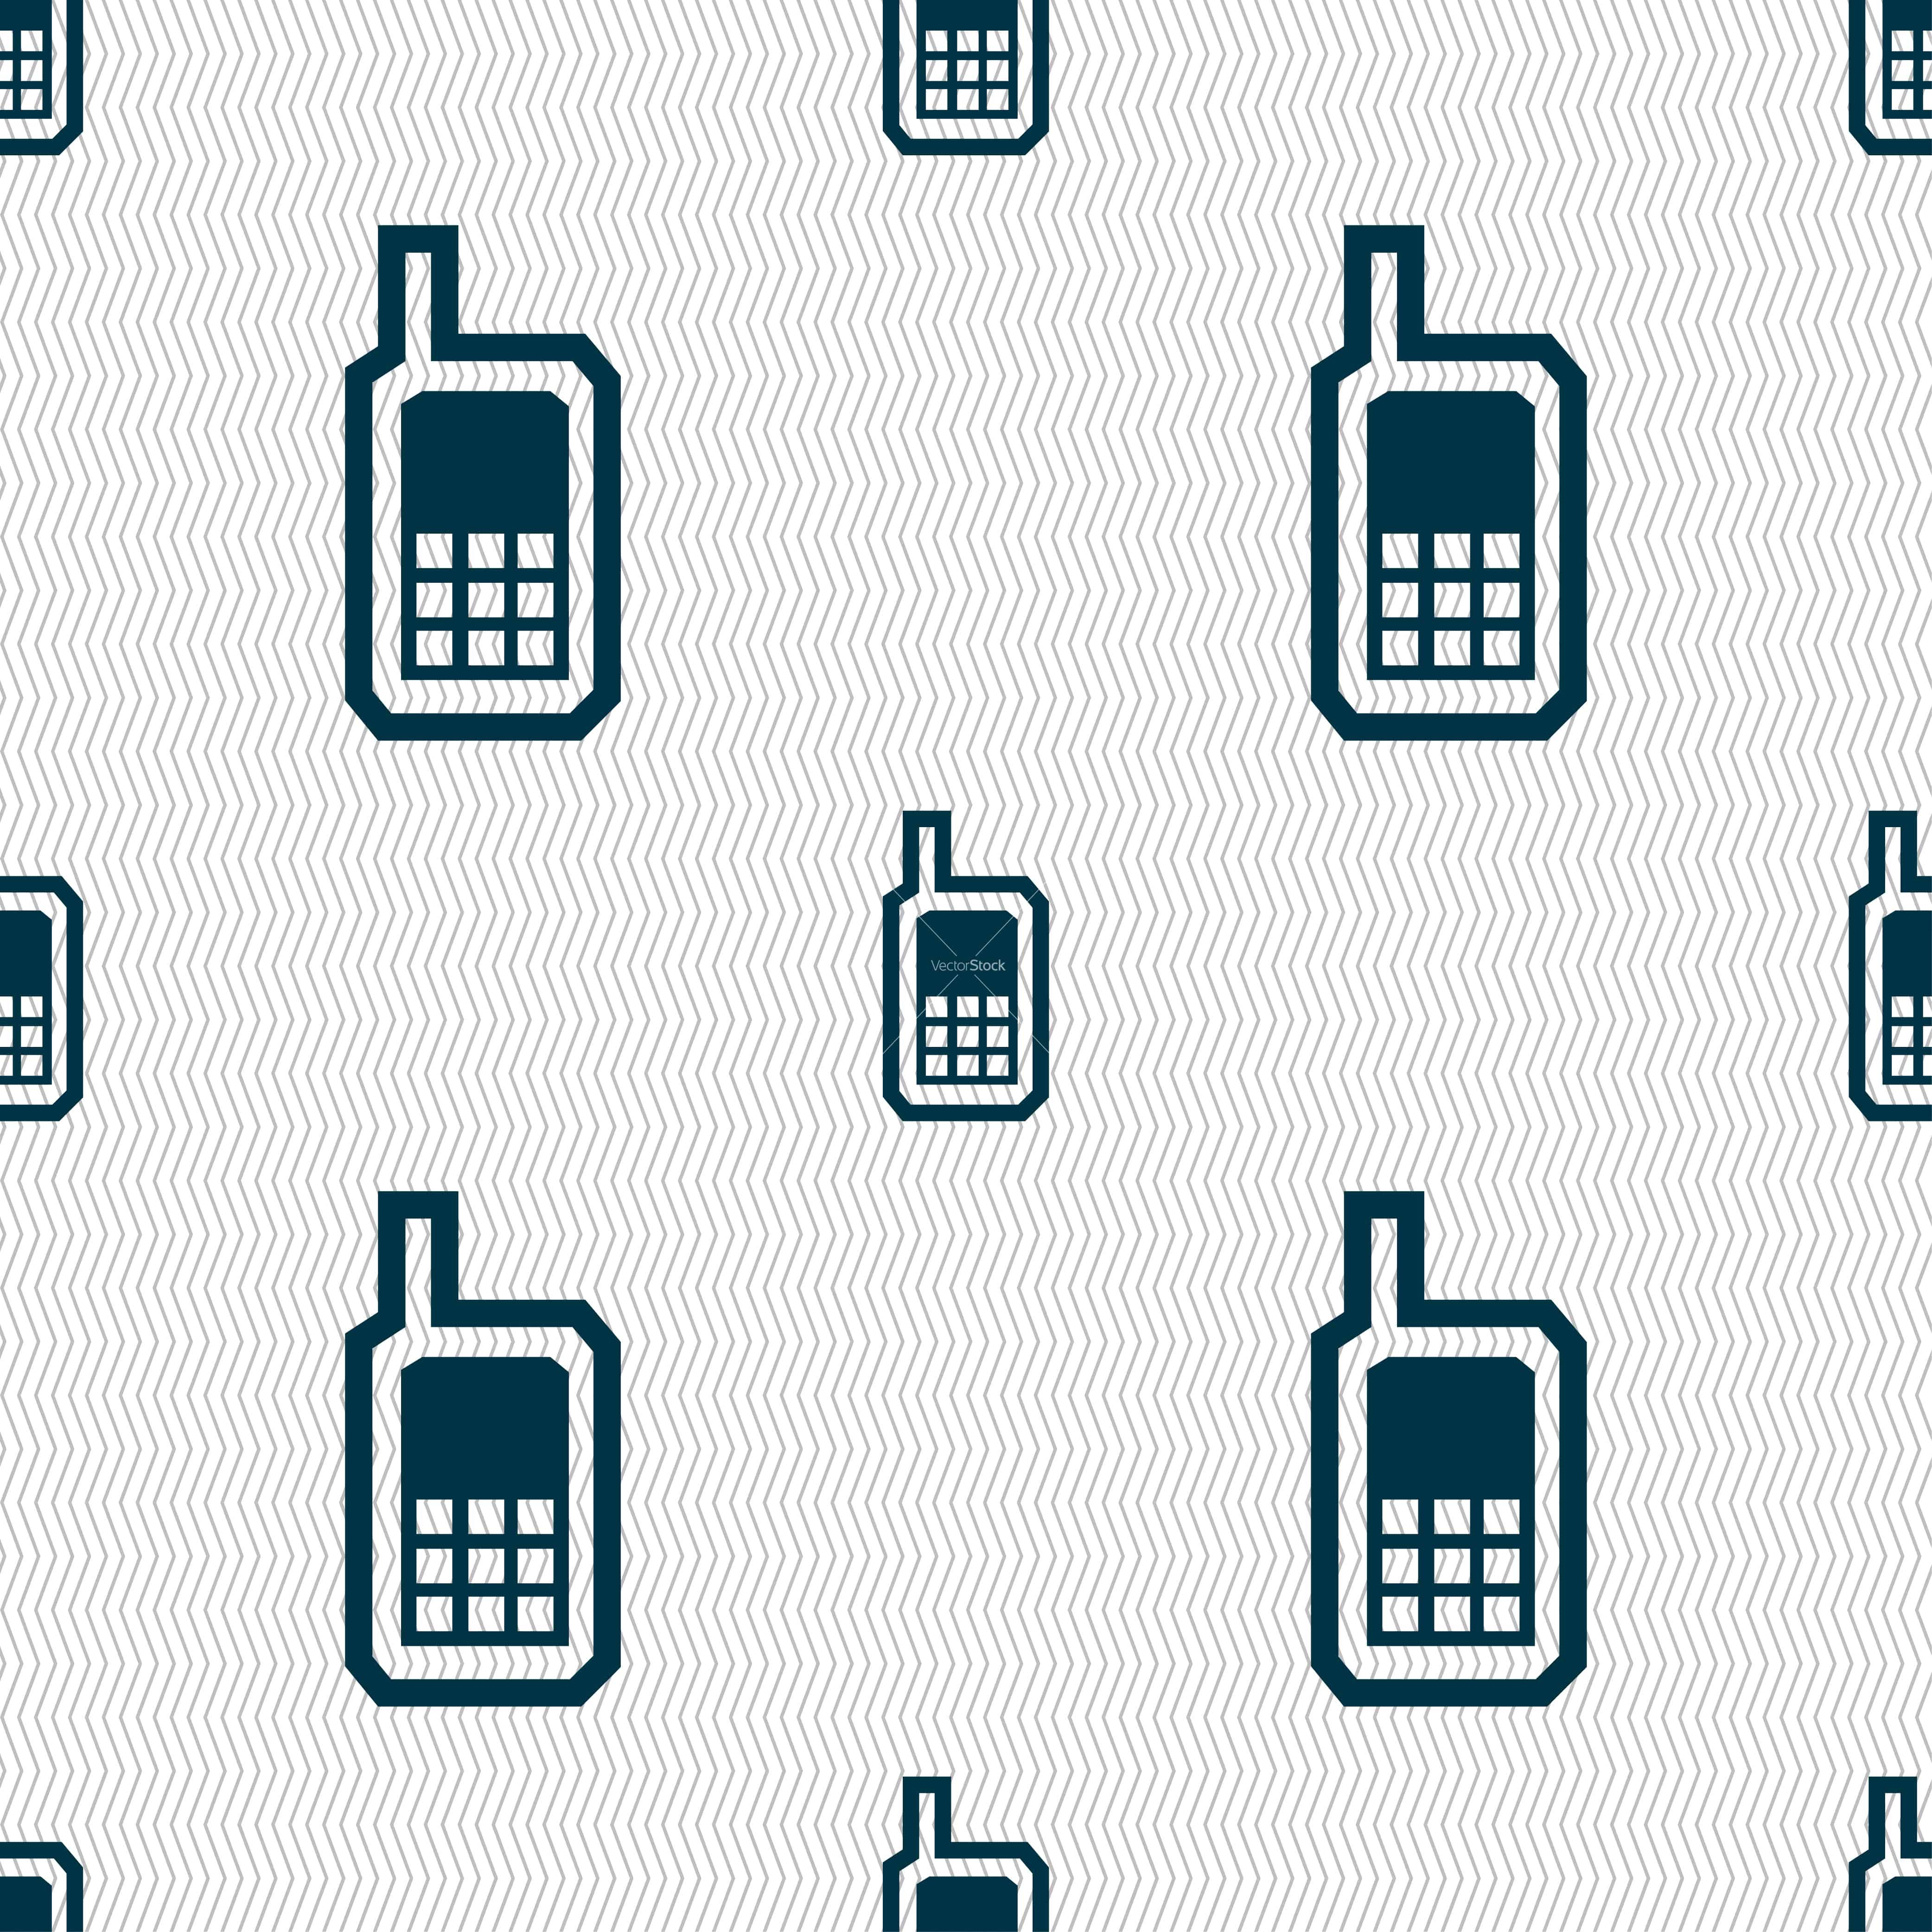 Comment recevoir des sms en ligne gr ce un num ro jetable - Recevoir les sms d un autre portable ...